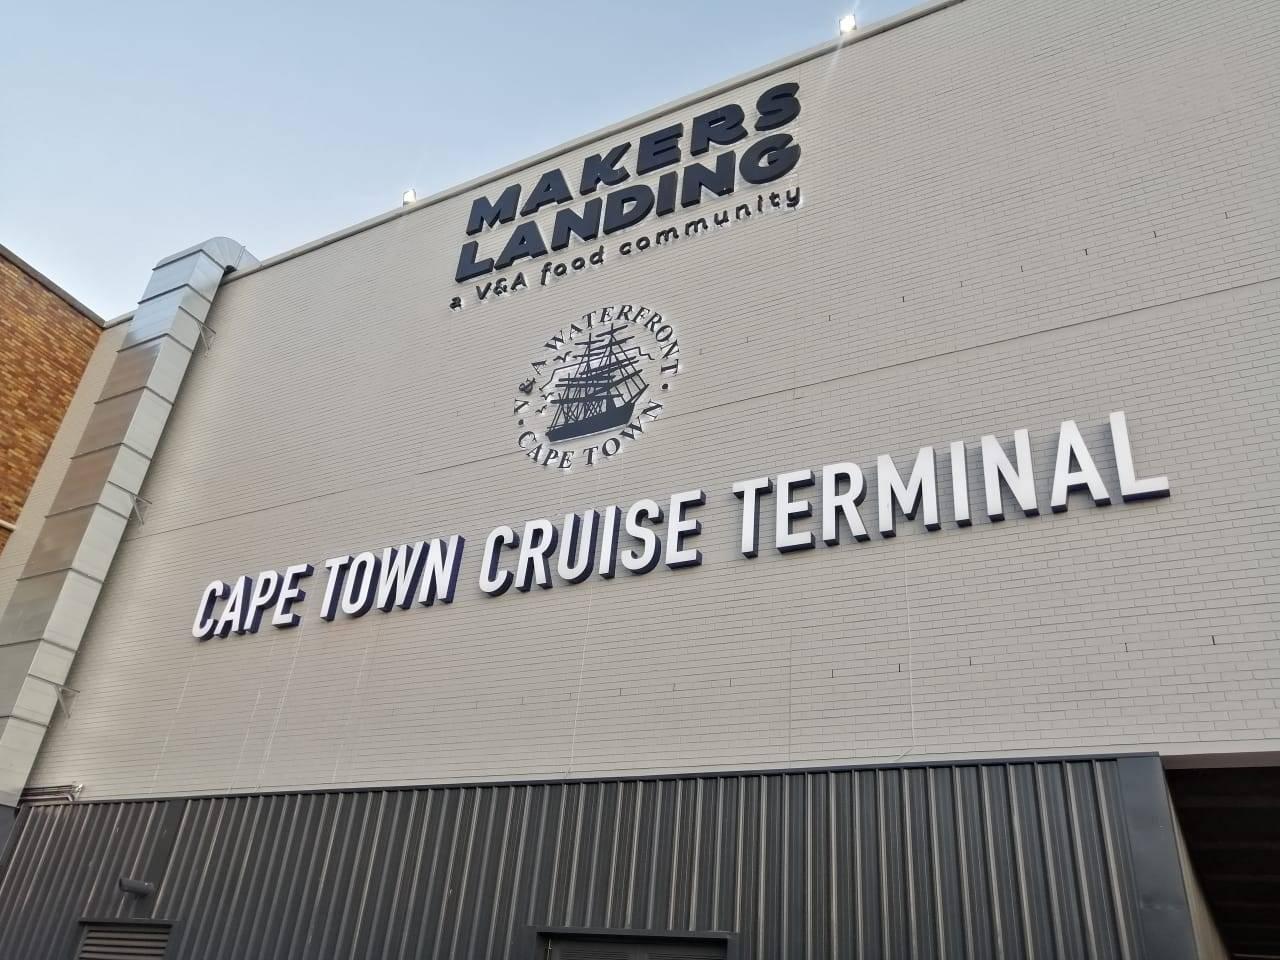 Cape Town Cruise Terminal